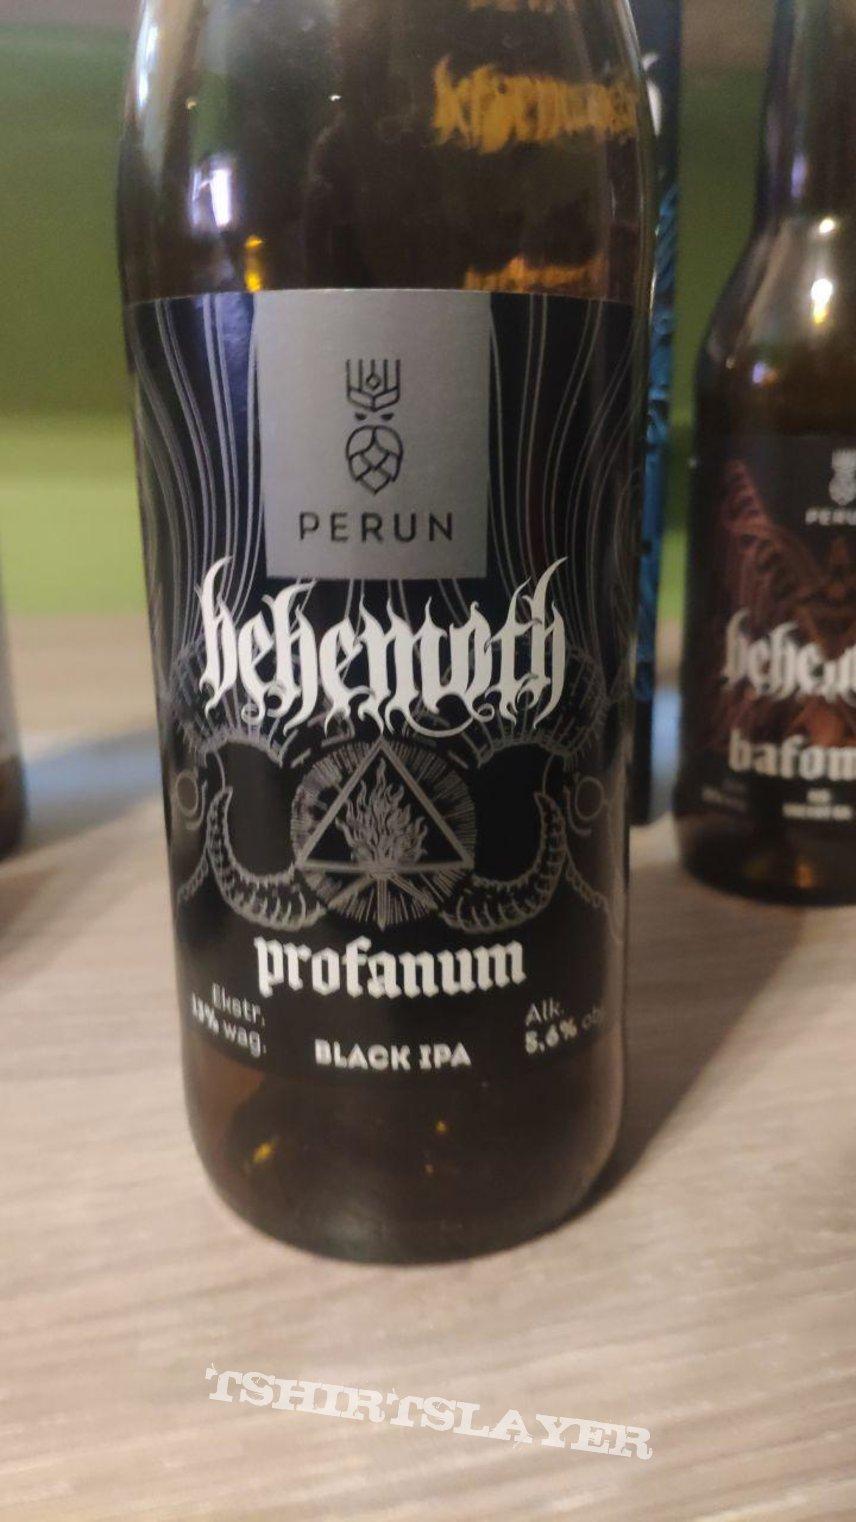 Behemoth - Profanum (Beer from Browar Perun)